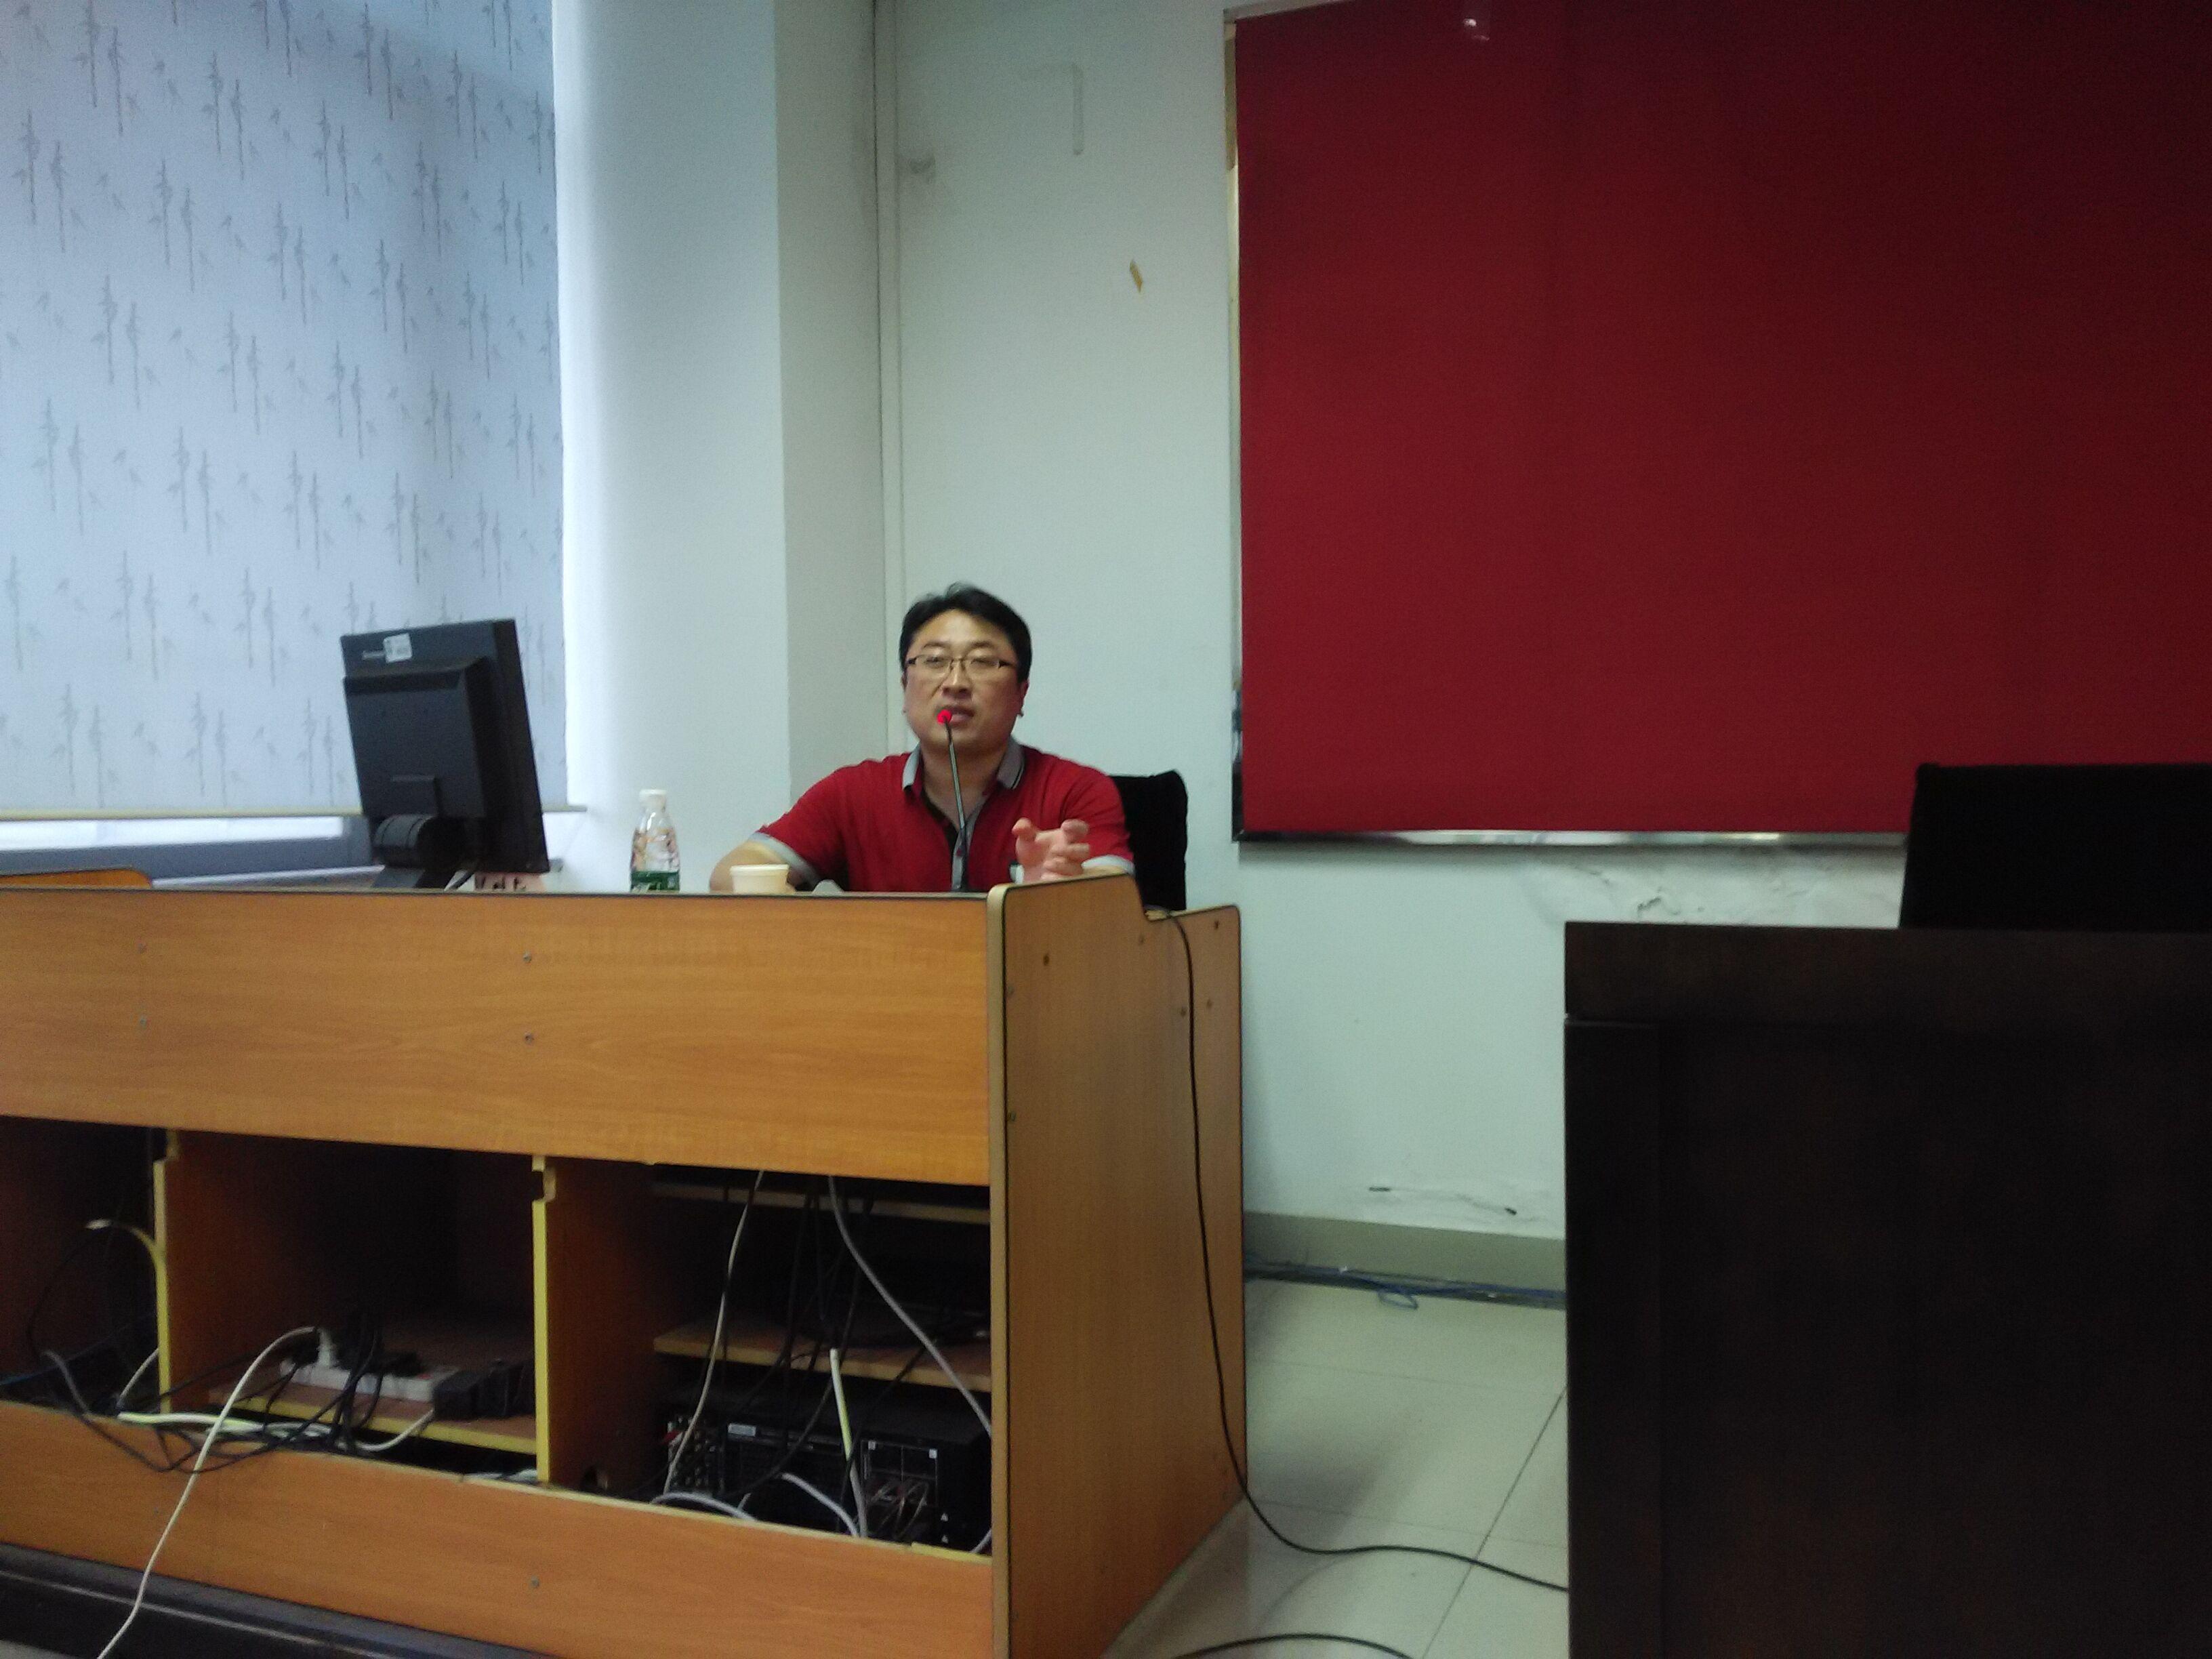 就业指导中心于林平老师为我院党校学员授课